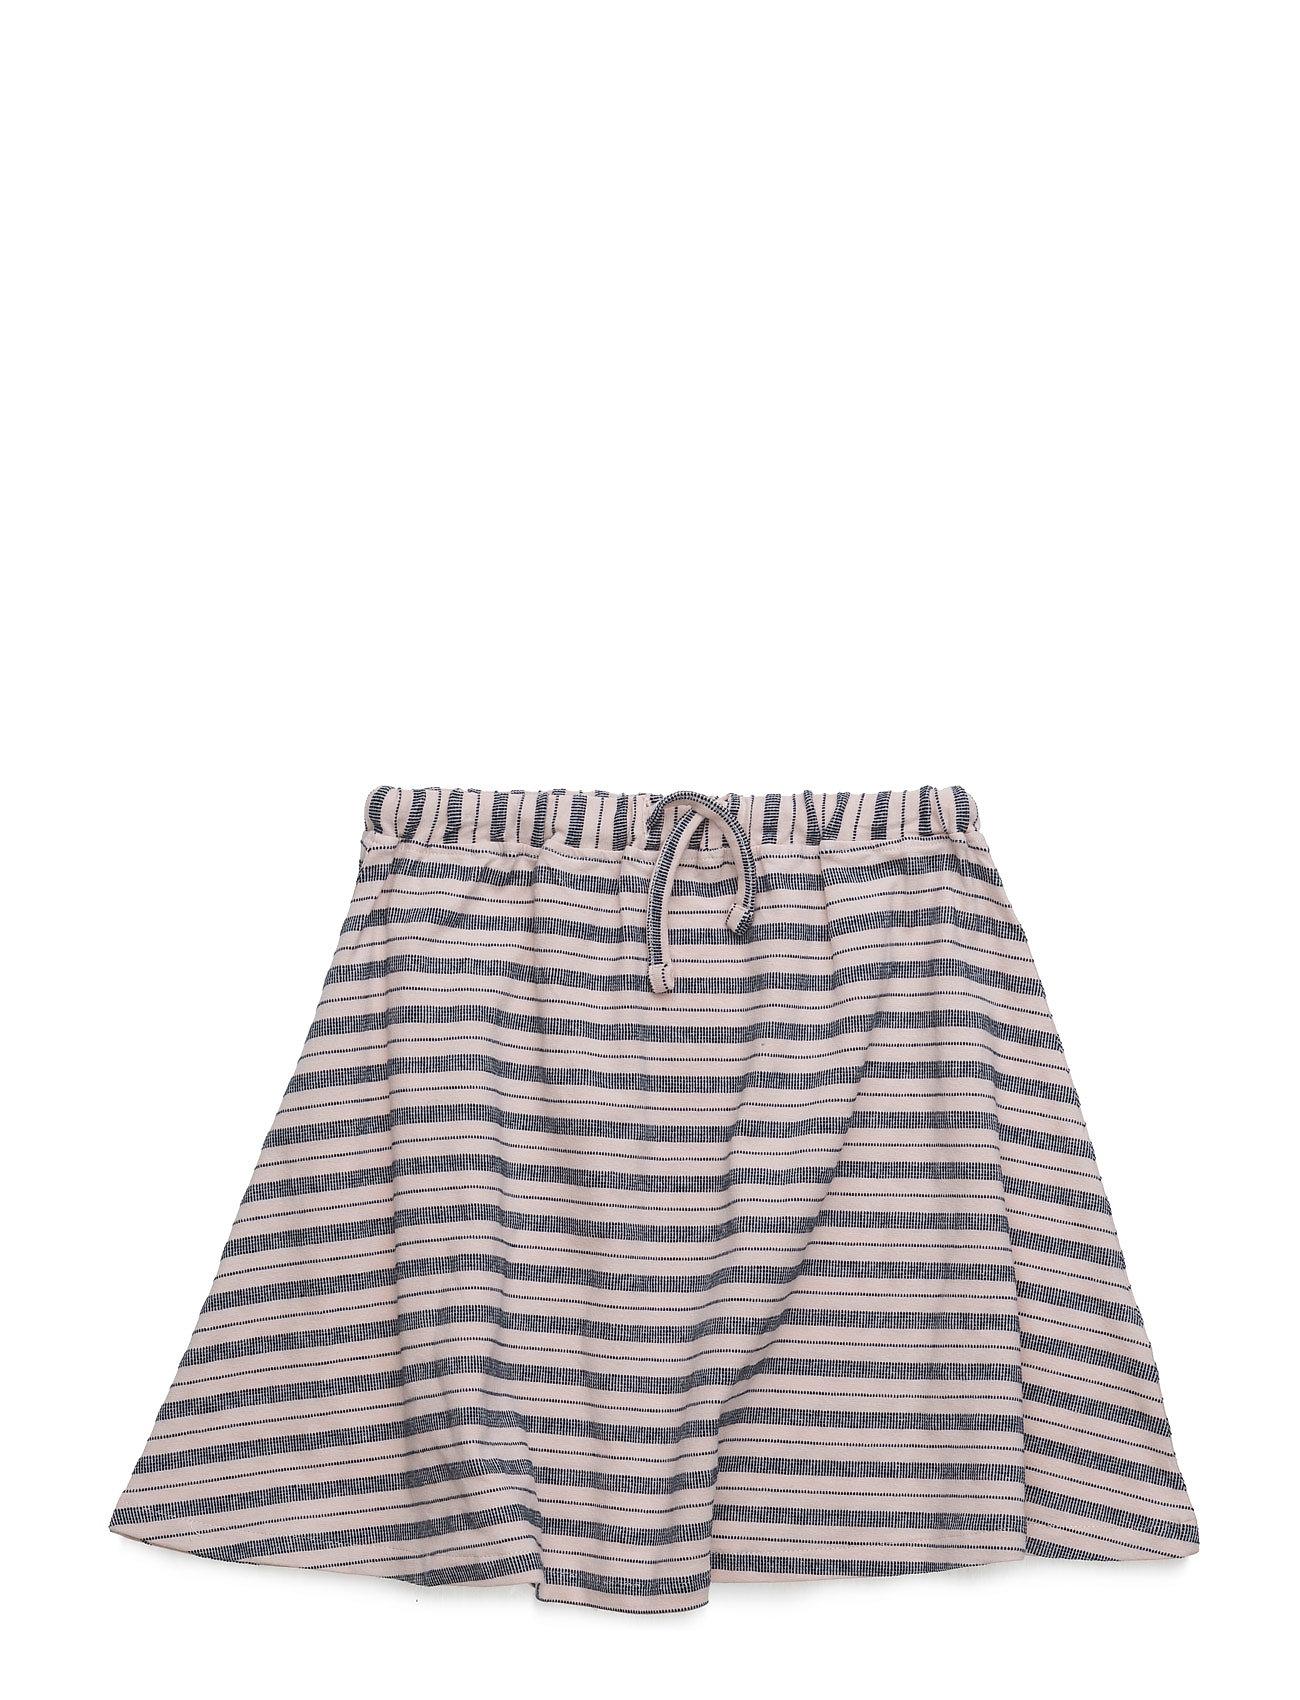 Skirt Noa Noa Miniature Kjoler & Nederdele til Piger i